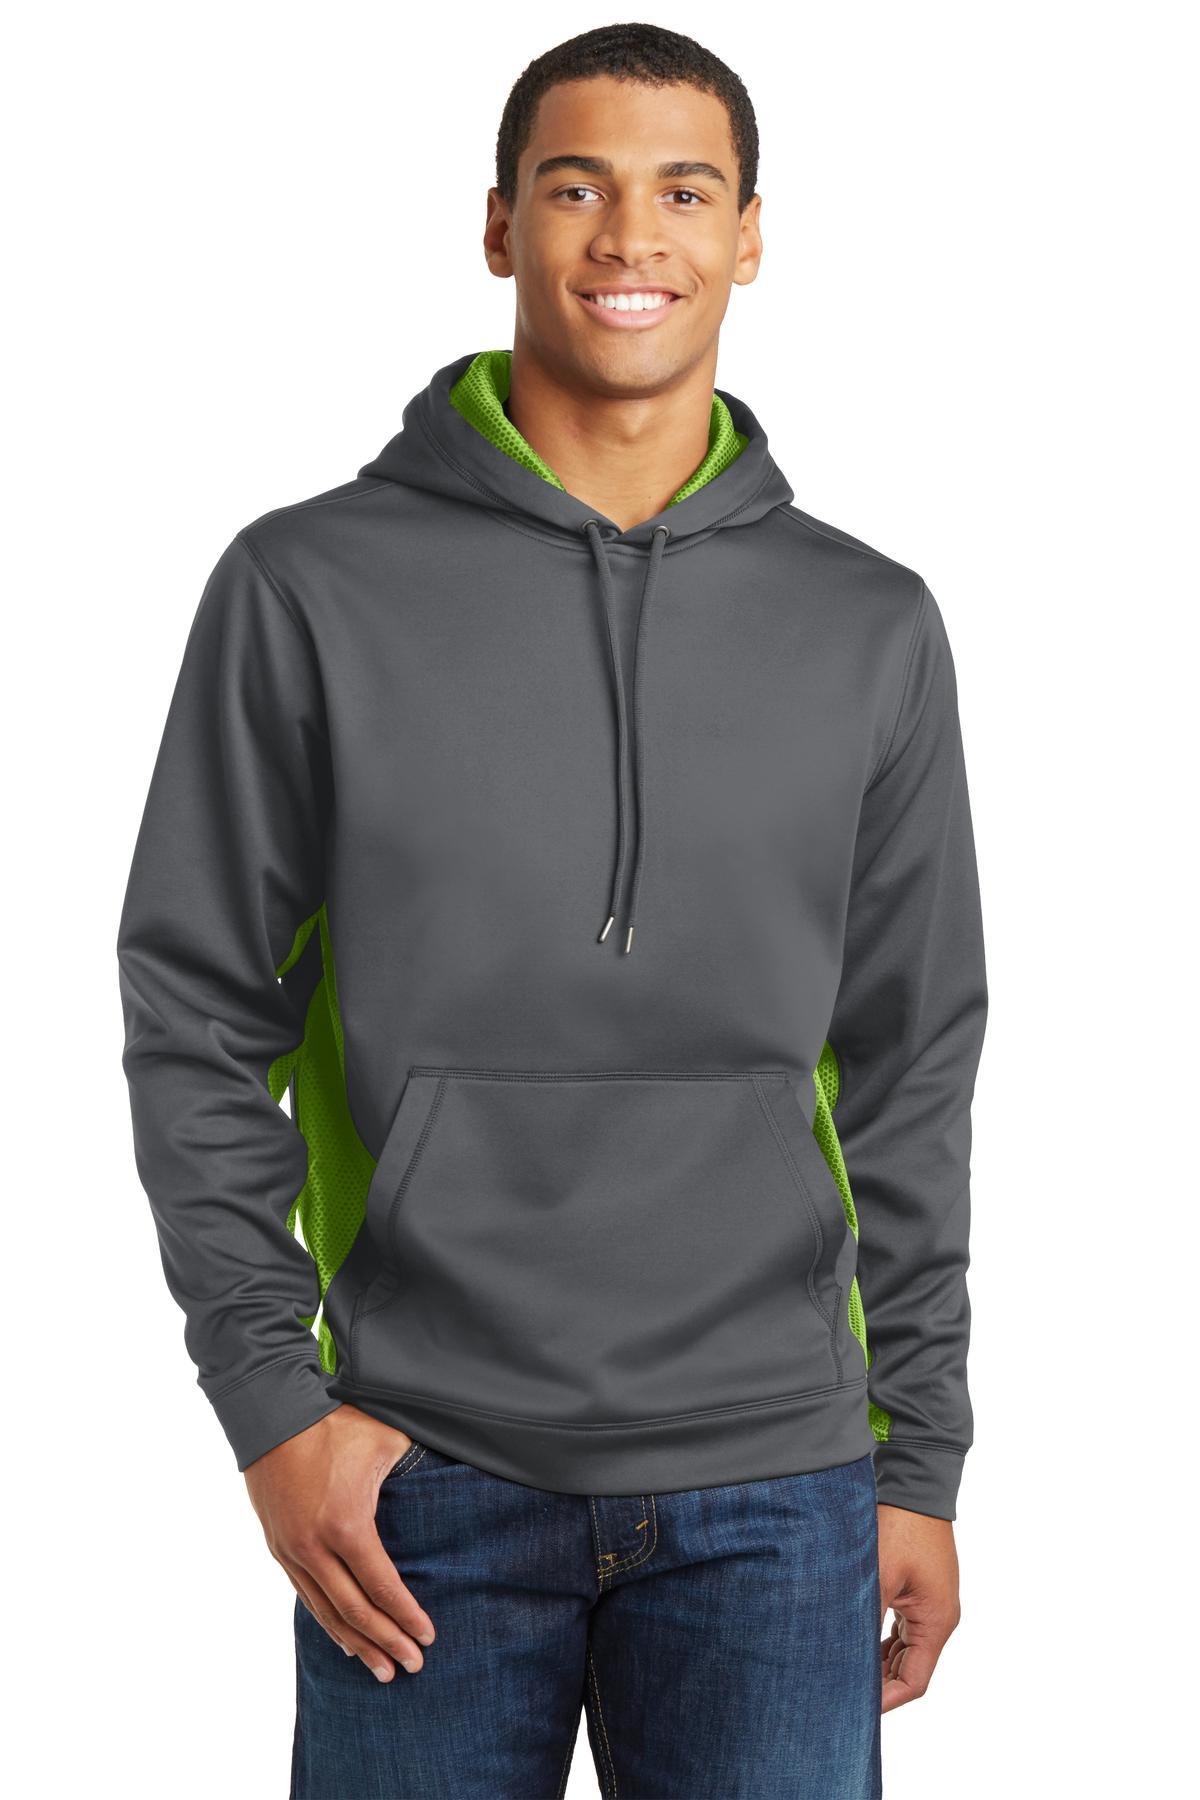 Sweatshirts-Fleece-Hooded-54